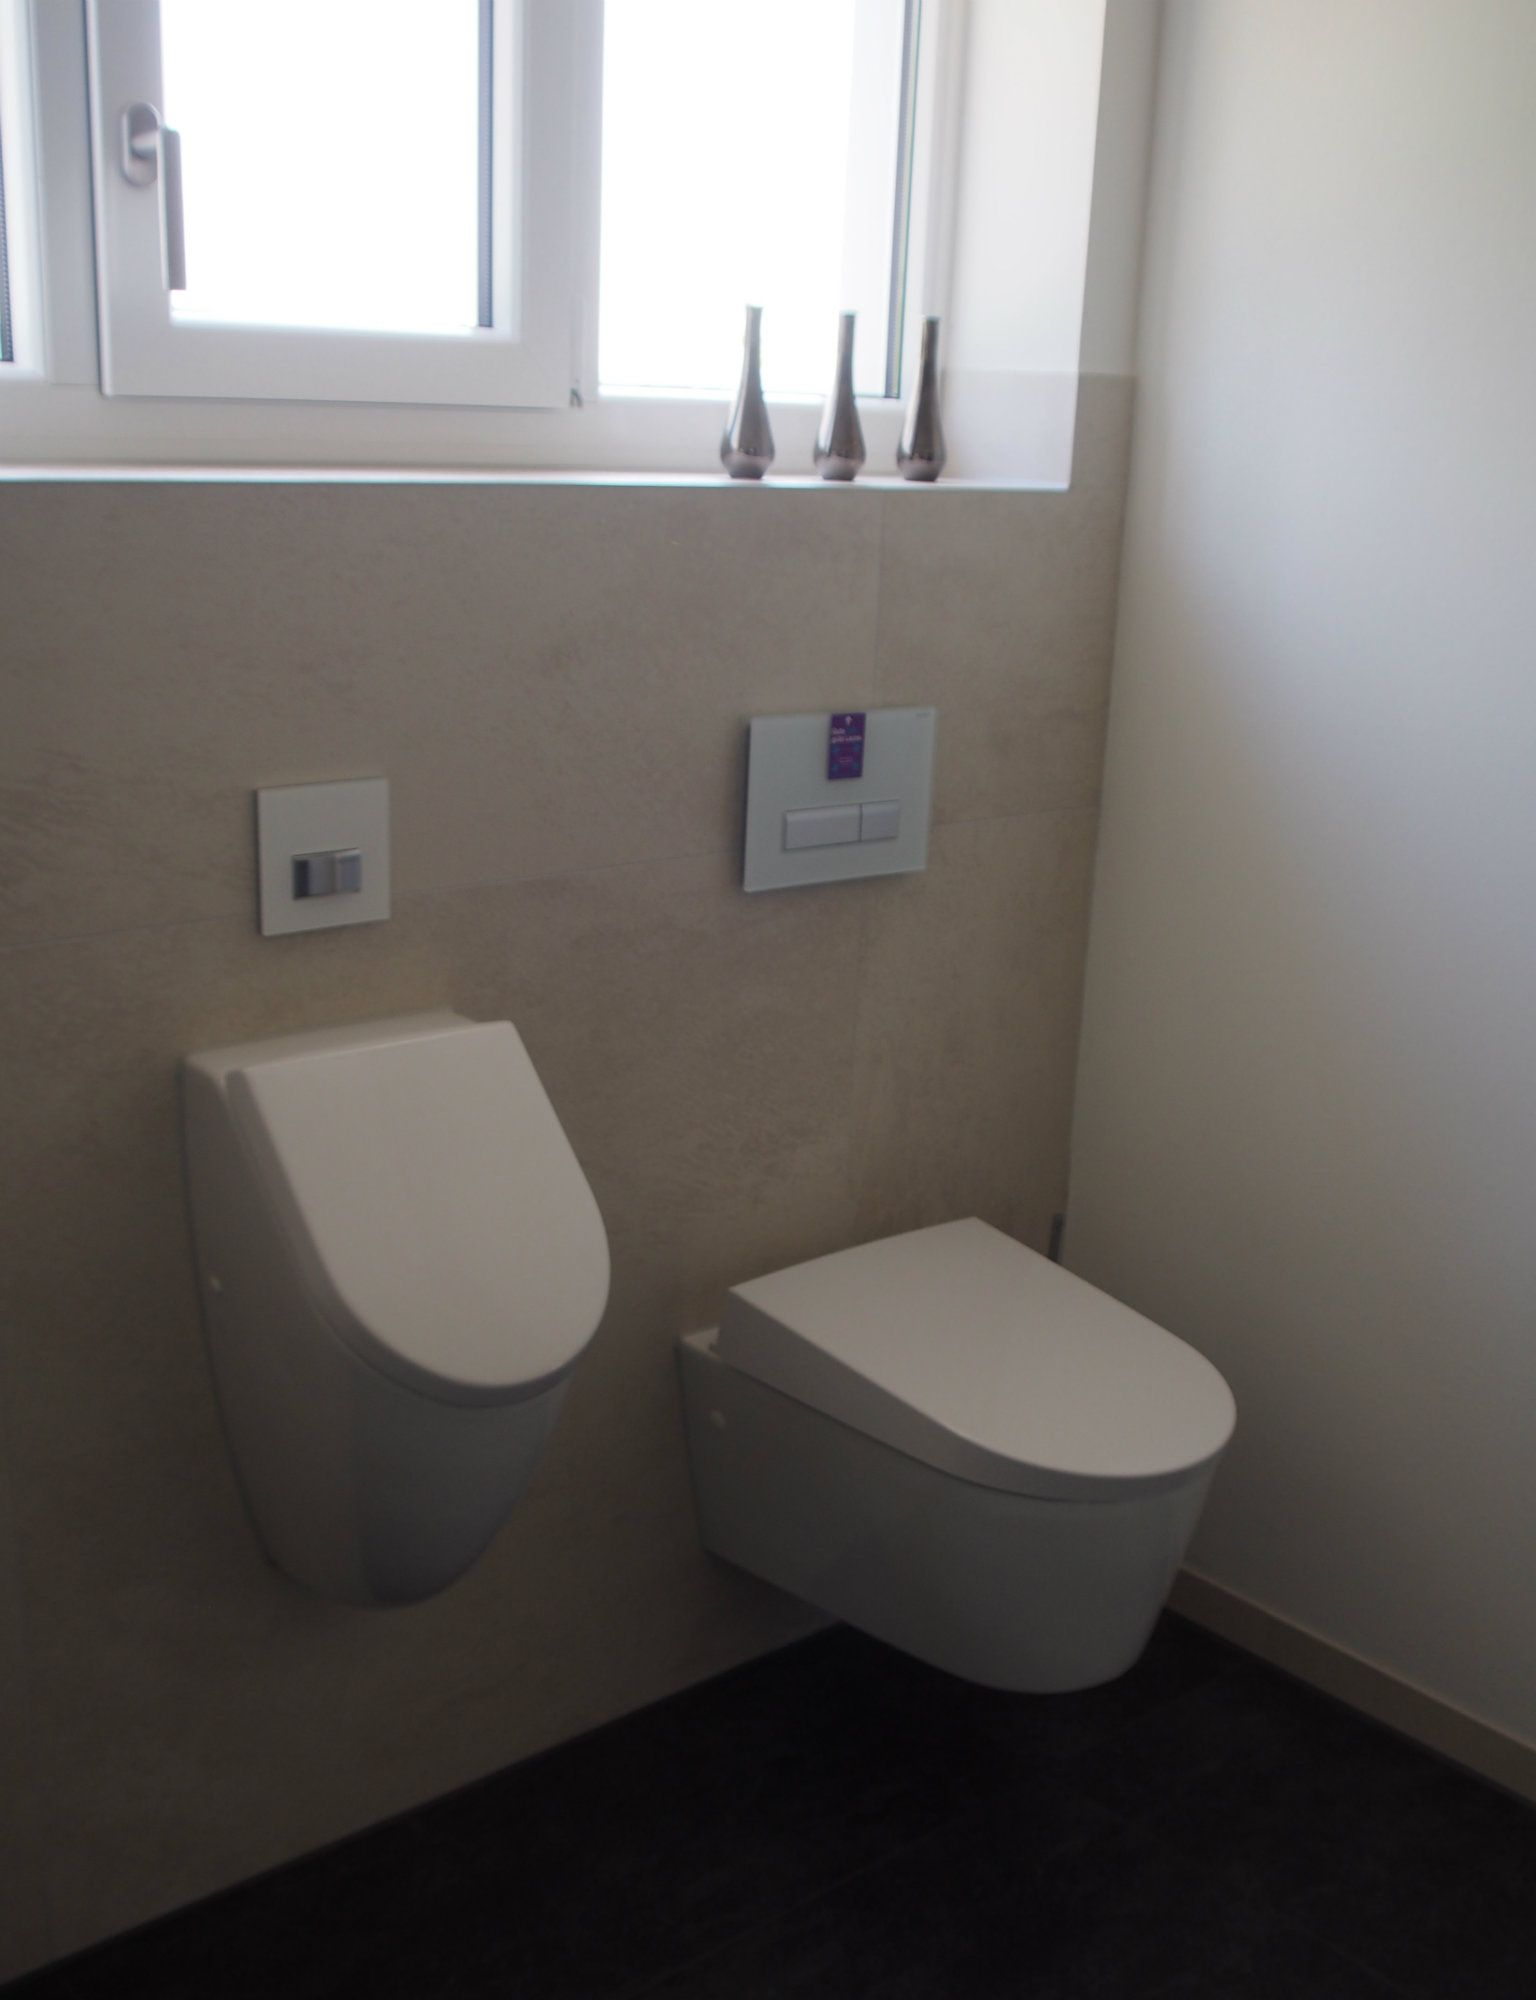 doppelwaschtisch mit unterschrank im bad 71431 aalen bad badezimmer bad und g ste wc. Black Bedroom Furniture Sets. Home Design Ideas